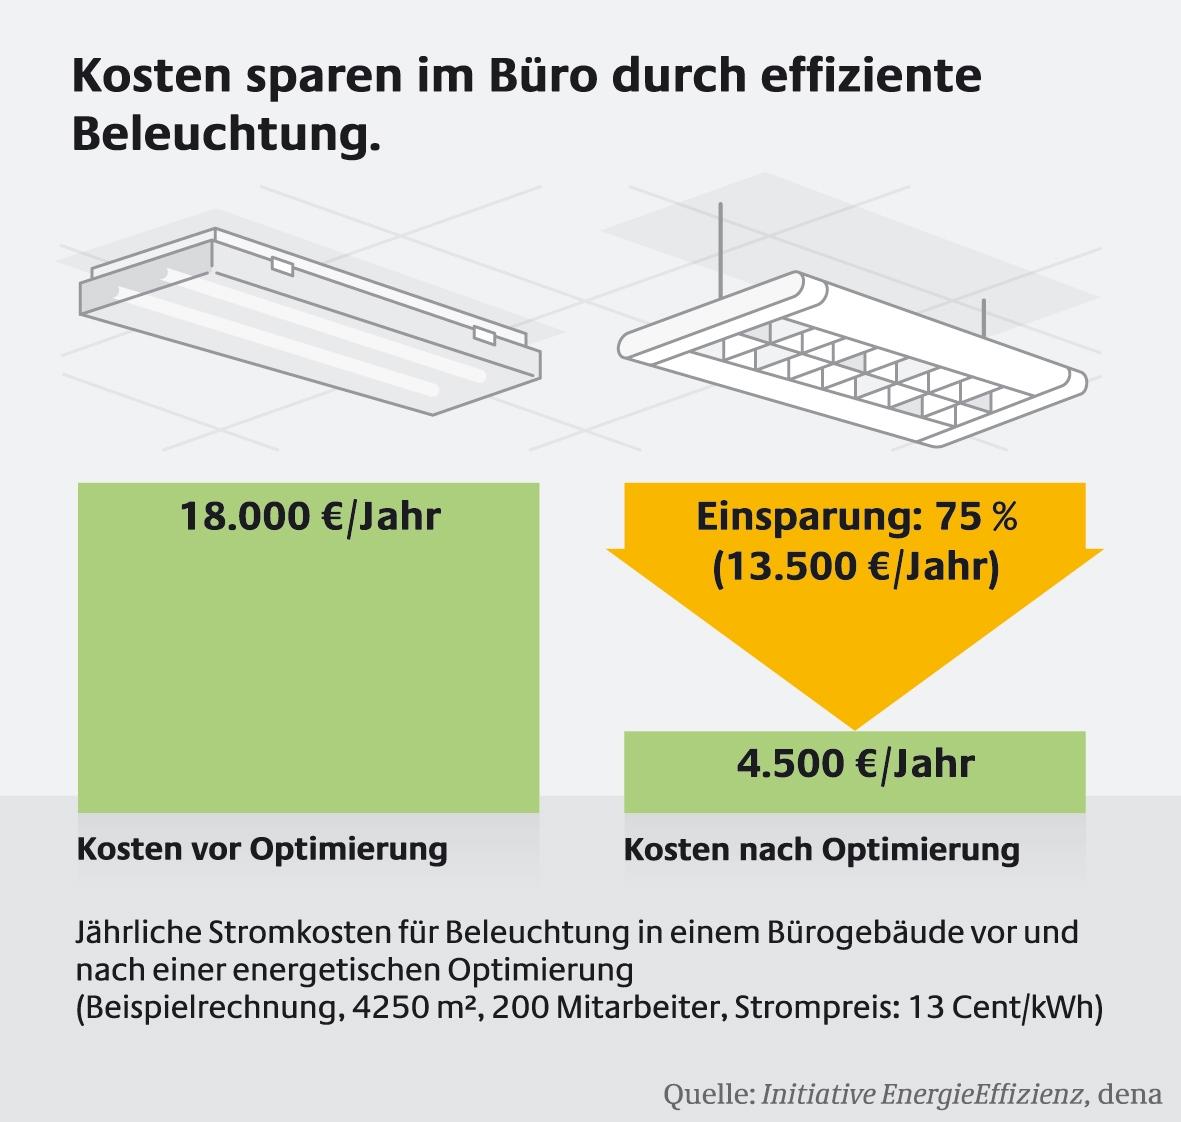 Energieeffizienz-Dienstleistungen fit machen für den Mittelstand